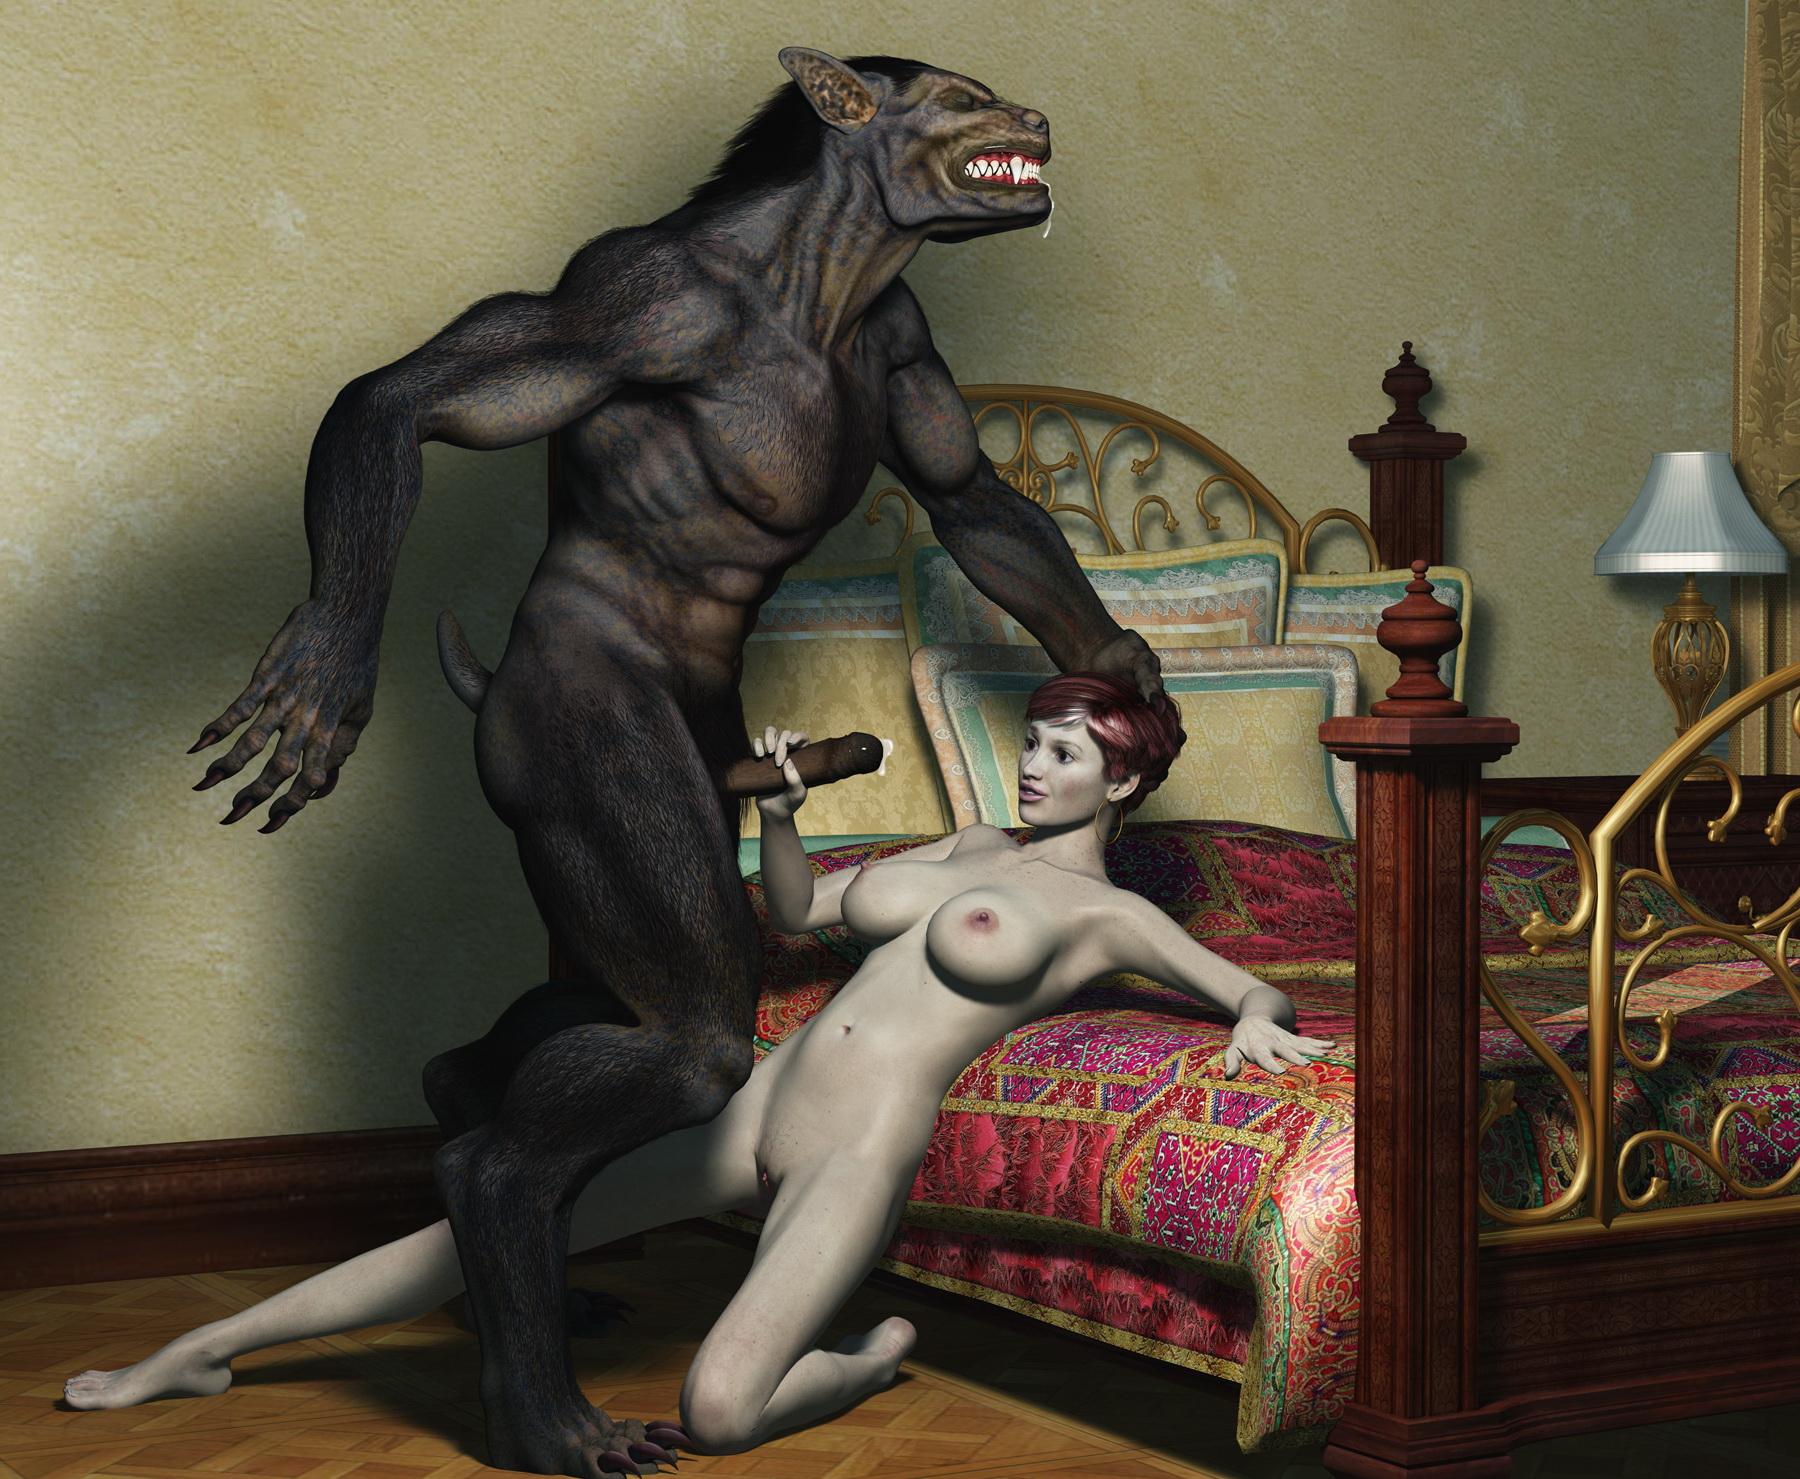 Эротика с монстрами и ужасы, Монстры Порно, смотреть Мультики с Монстрами 10 фотография